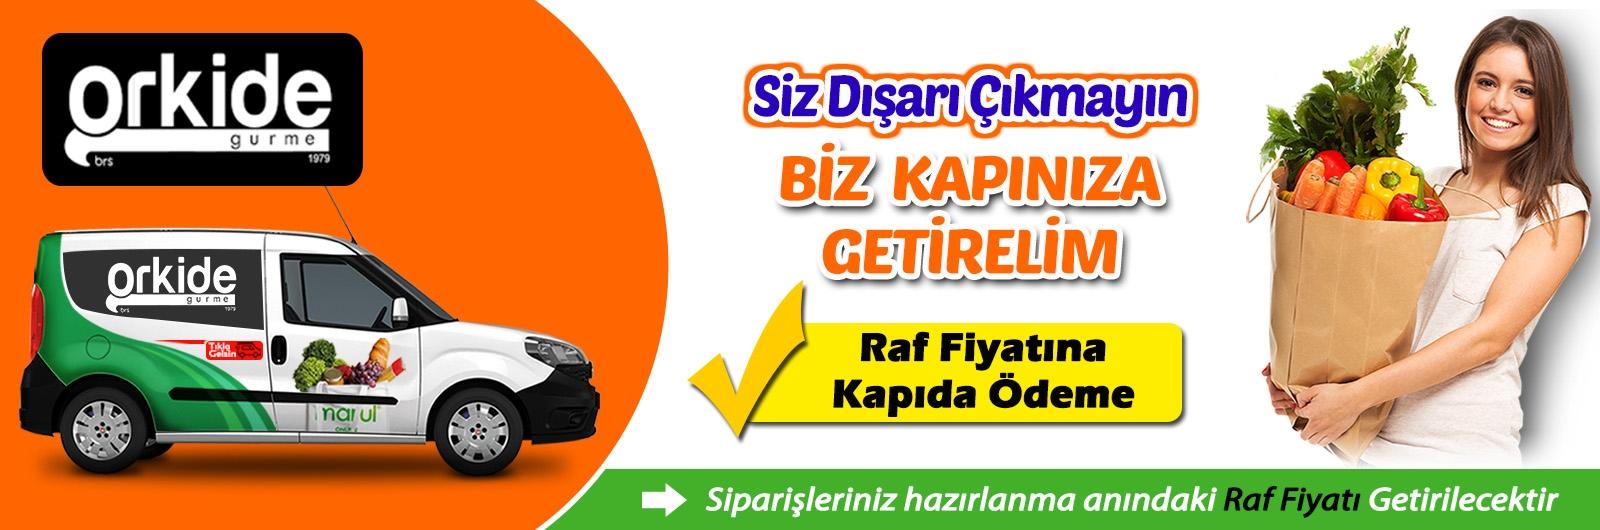 Antalya Konyaaltı orkide market online sipariş